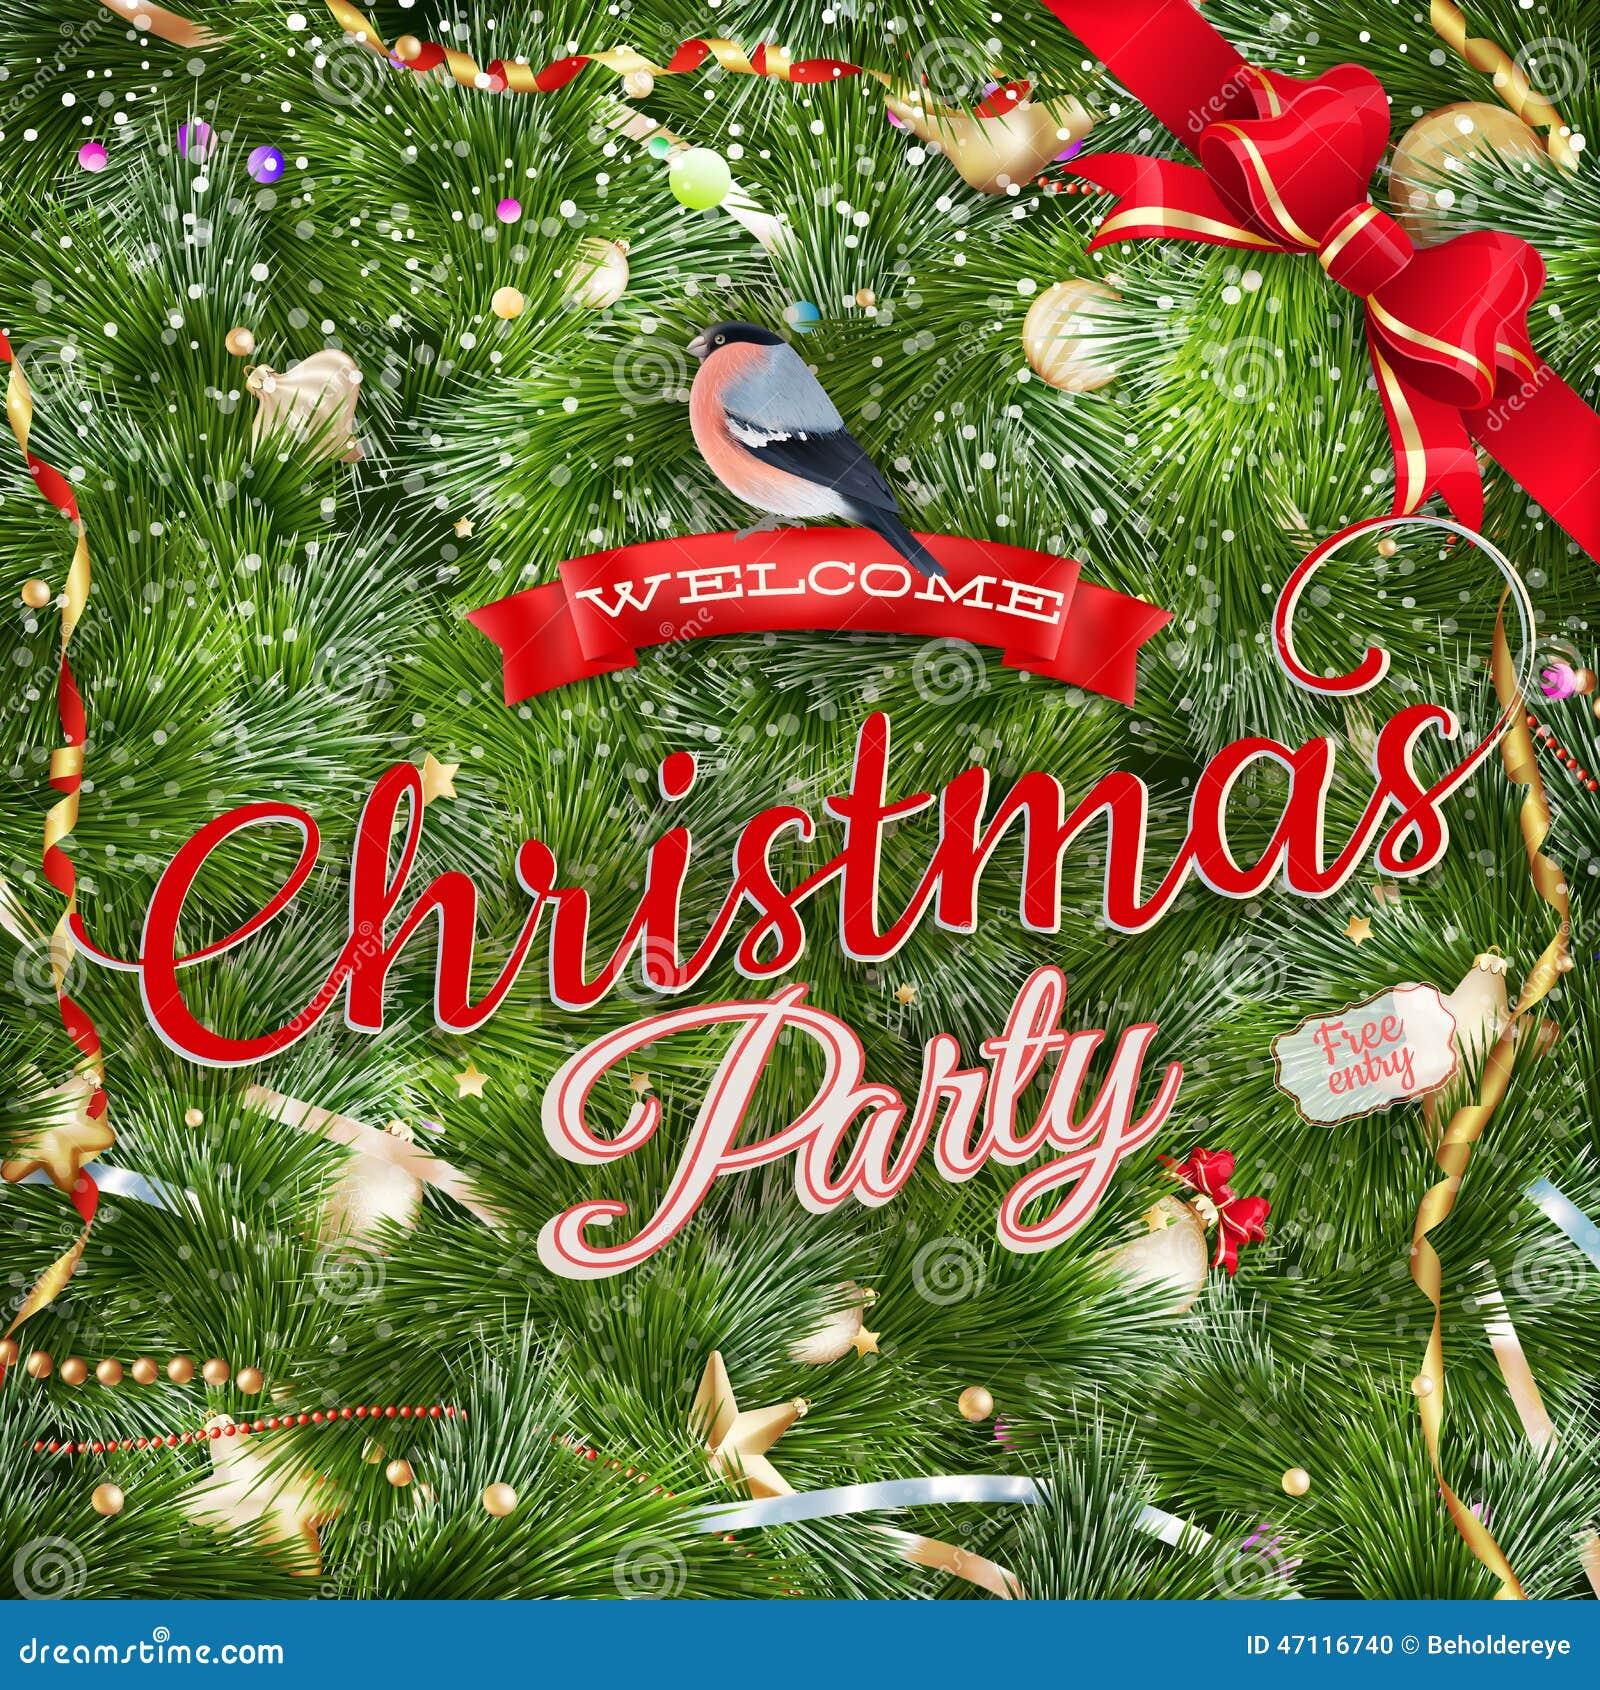 Poster design eps - Christmas Design Poster